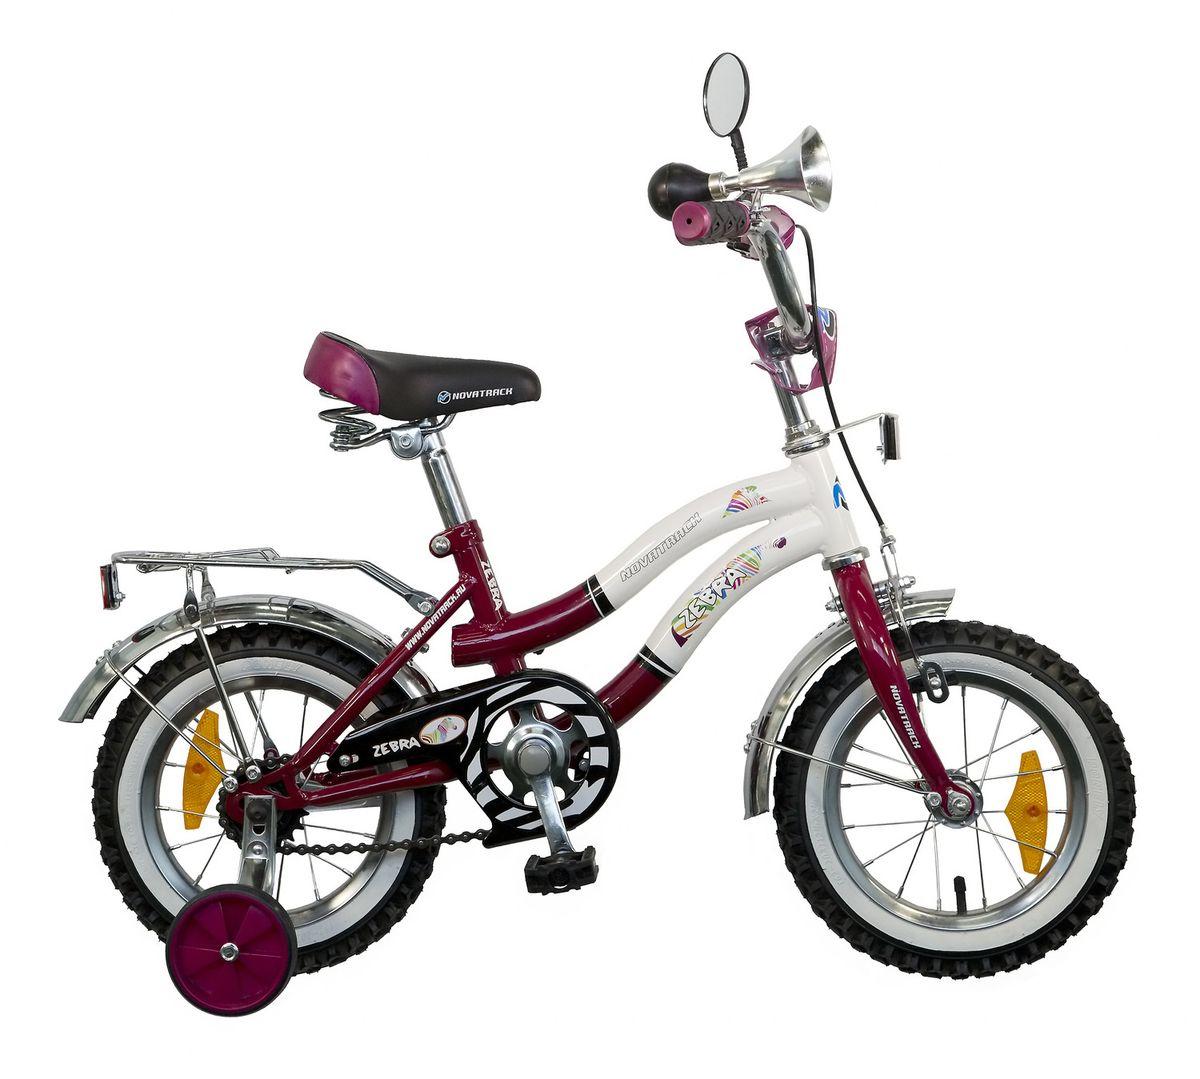 Велосипед детский Novatrack Zebra, цвет: бордовый, белый, 12 детский велосипед для мальчиков novatrack cosmic 14 2017 blue